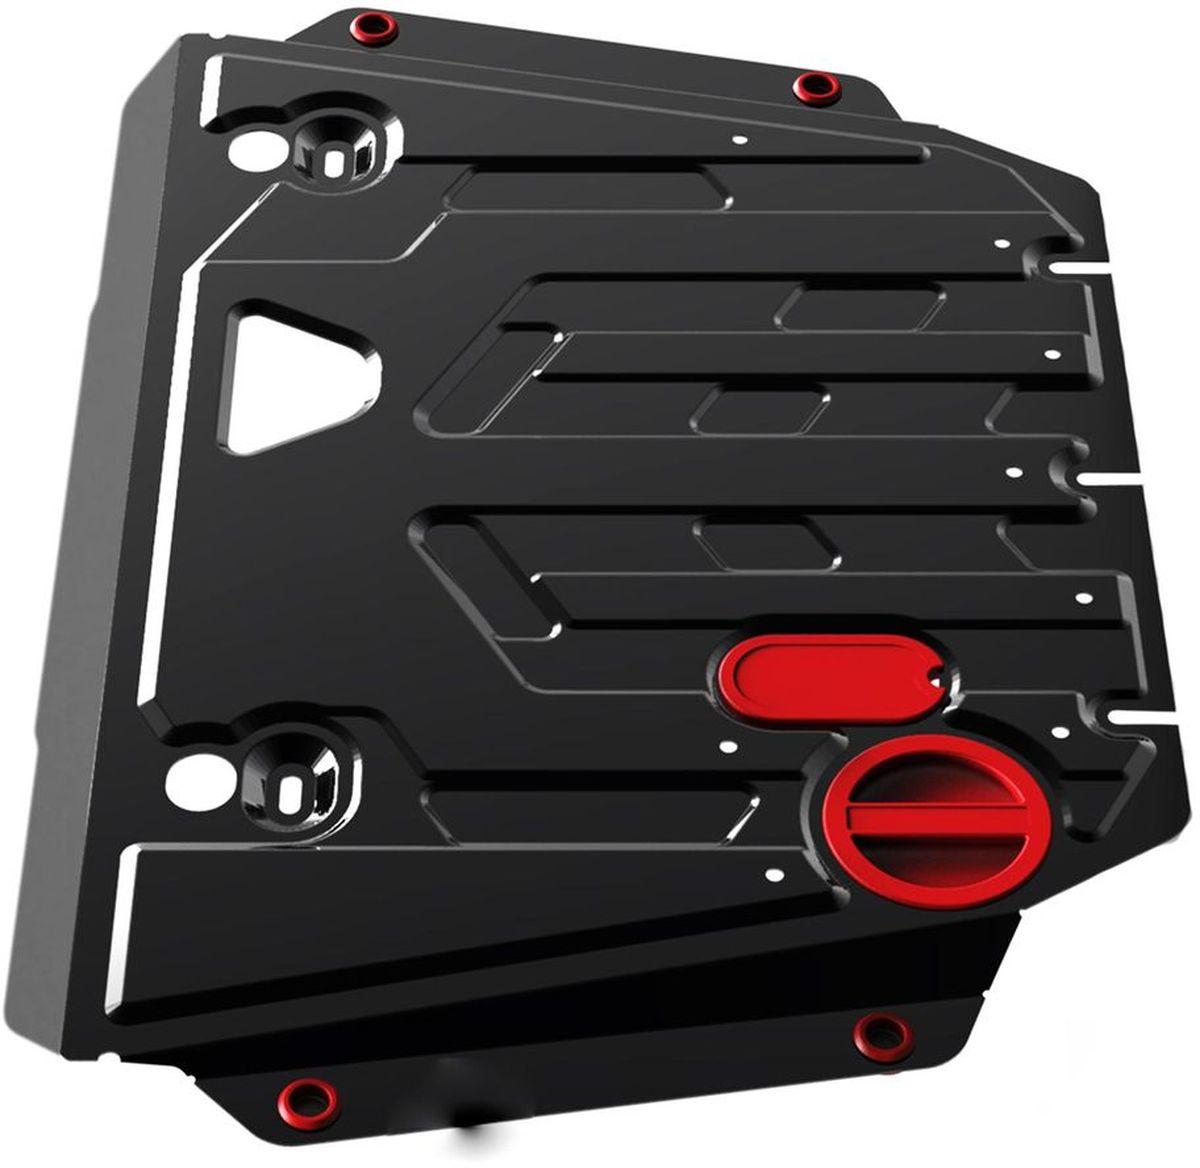 Защита картера и КПП Автоброня, для Kia Sorento Prime 4WD, V-2,4; 2,2 CRDi; 3,3i (2015-)111.02831.1Технологически совершенный продукт за невысокую стоимость. Защита разработана с учетом особенностей днища автомобиля, что позволяет сохранить дорожный просвет с минимальным изменением. Защита устанавливается в штатные места кузова автомобиля. Глубокий штамп обеспечивает до двух раз больше жесткости в сравнении с обычной защитой той же толщины. Проштампованные ребра жесткости препятствуют деформации защиты при ударах. Тепловой зазор и вентиляционные отверстия обеспечивают сохранение температурного режима двигателя в норме. Скрытый крепеж предотвращает срыв крепежных элементов при наезде на препятствие. Шумопоглощающие резиновые элементы обеспечивают комфортную езду без вибраций и скрежета металла, а съемные лючки для слива масла и замены фильтра - экономию средств и время. Конструкция изделия не влияет на пассивную безопасность автомобиля (при ударе защита не воздействует на деформационные зоны кузова). Со штатным крепежом. В комплекте инструкция по установке....